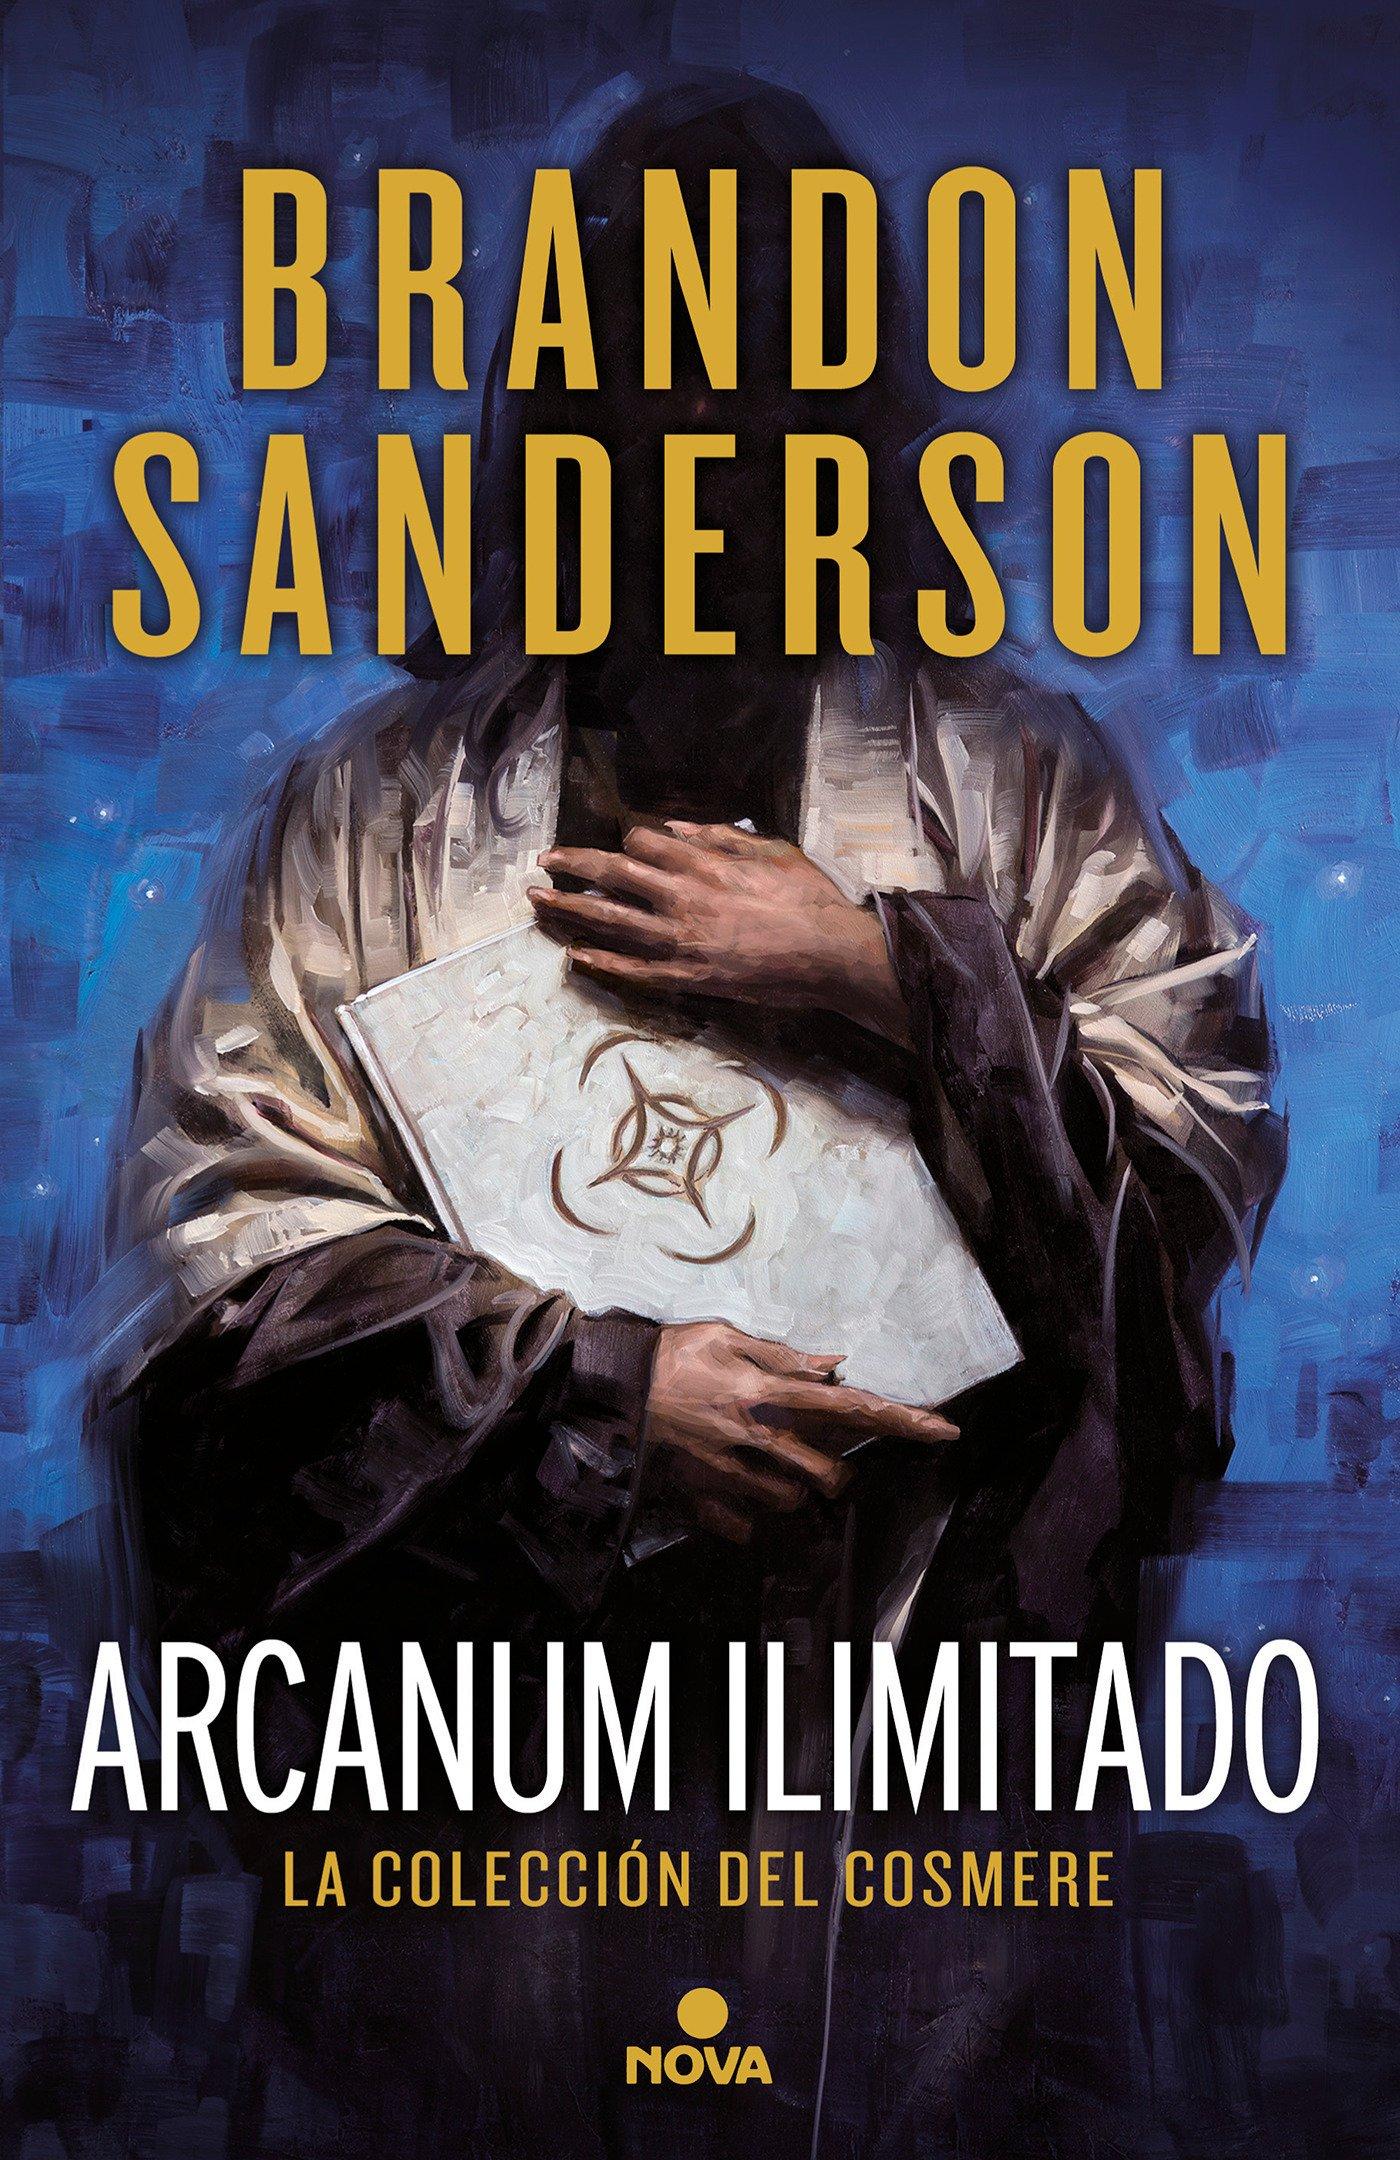 Arcanum Ilimitado: La colección del Cosmere (Nova): Amazon.es: Sanderson, Brandon, Manue De los Reyes Gcía Campos;Rafael Marin Trechera;Manuel Viciano Delibano;: Libros